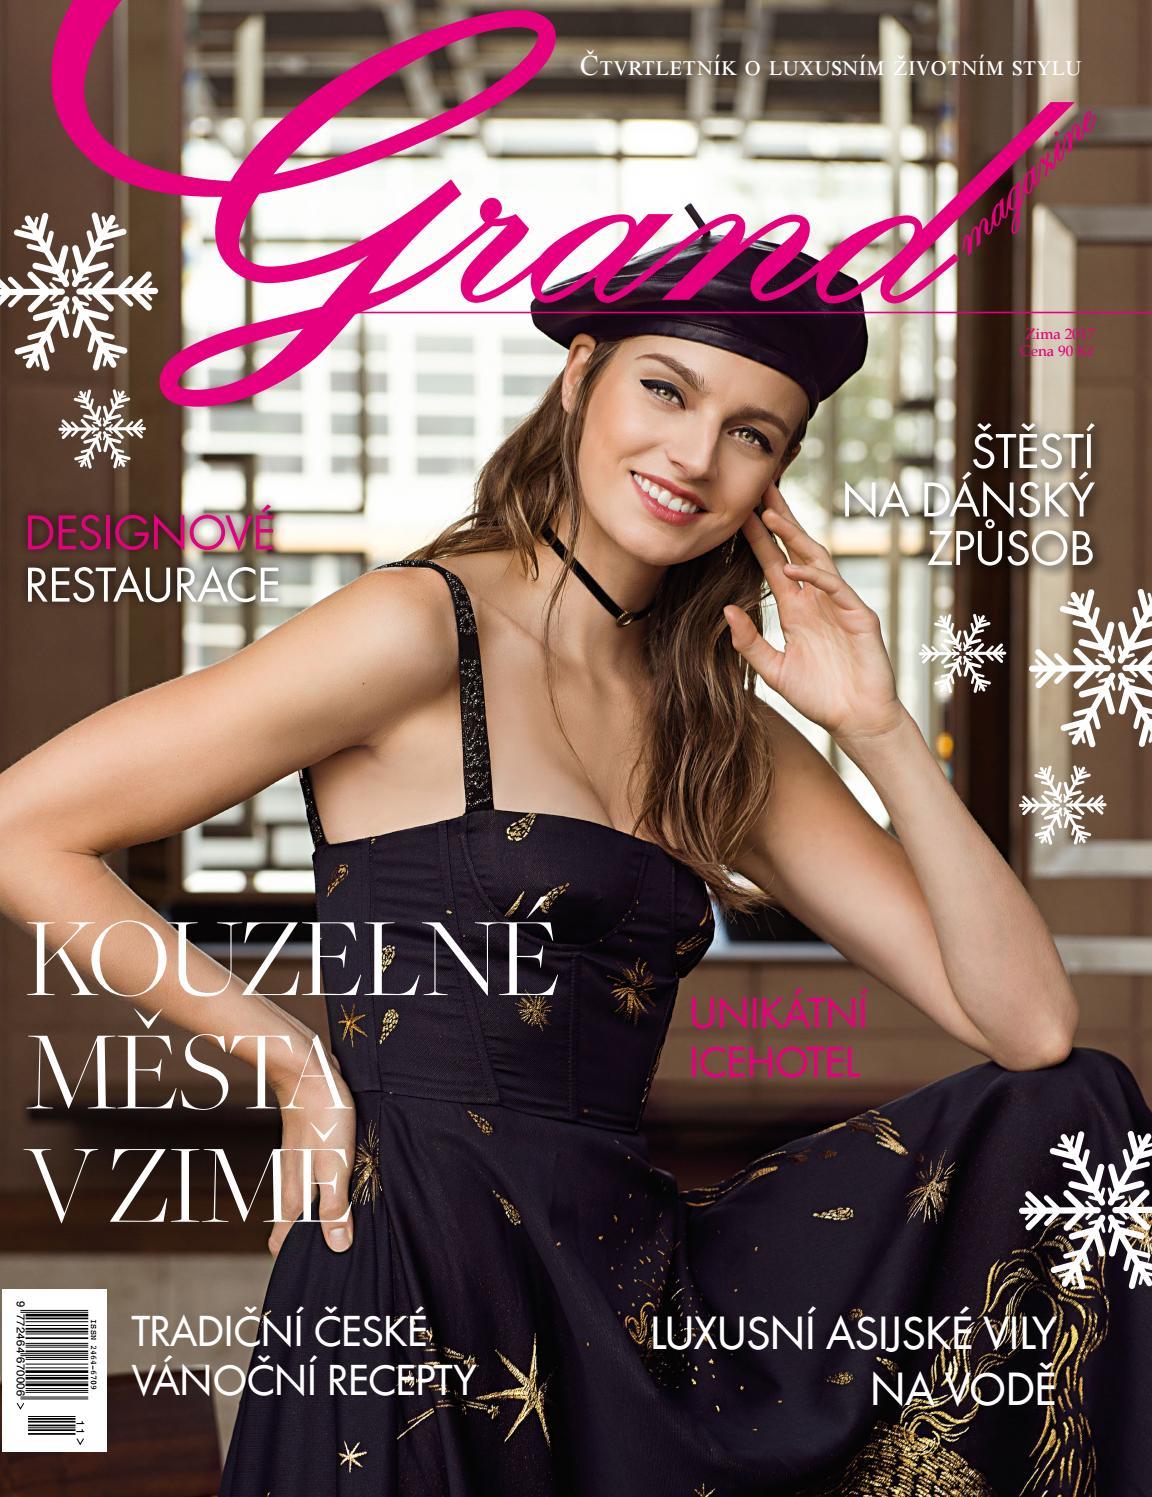 Gm zima 2017 cz by ArgusMedia - issuu 618123c153c